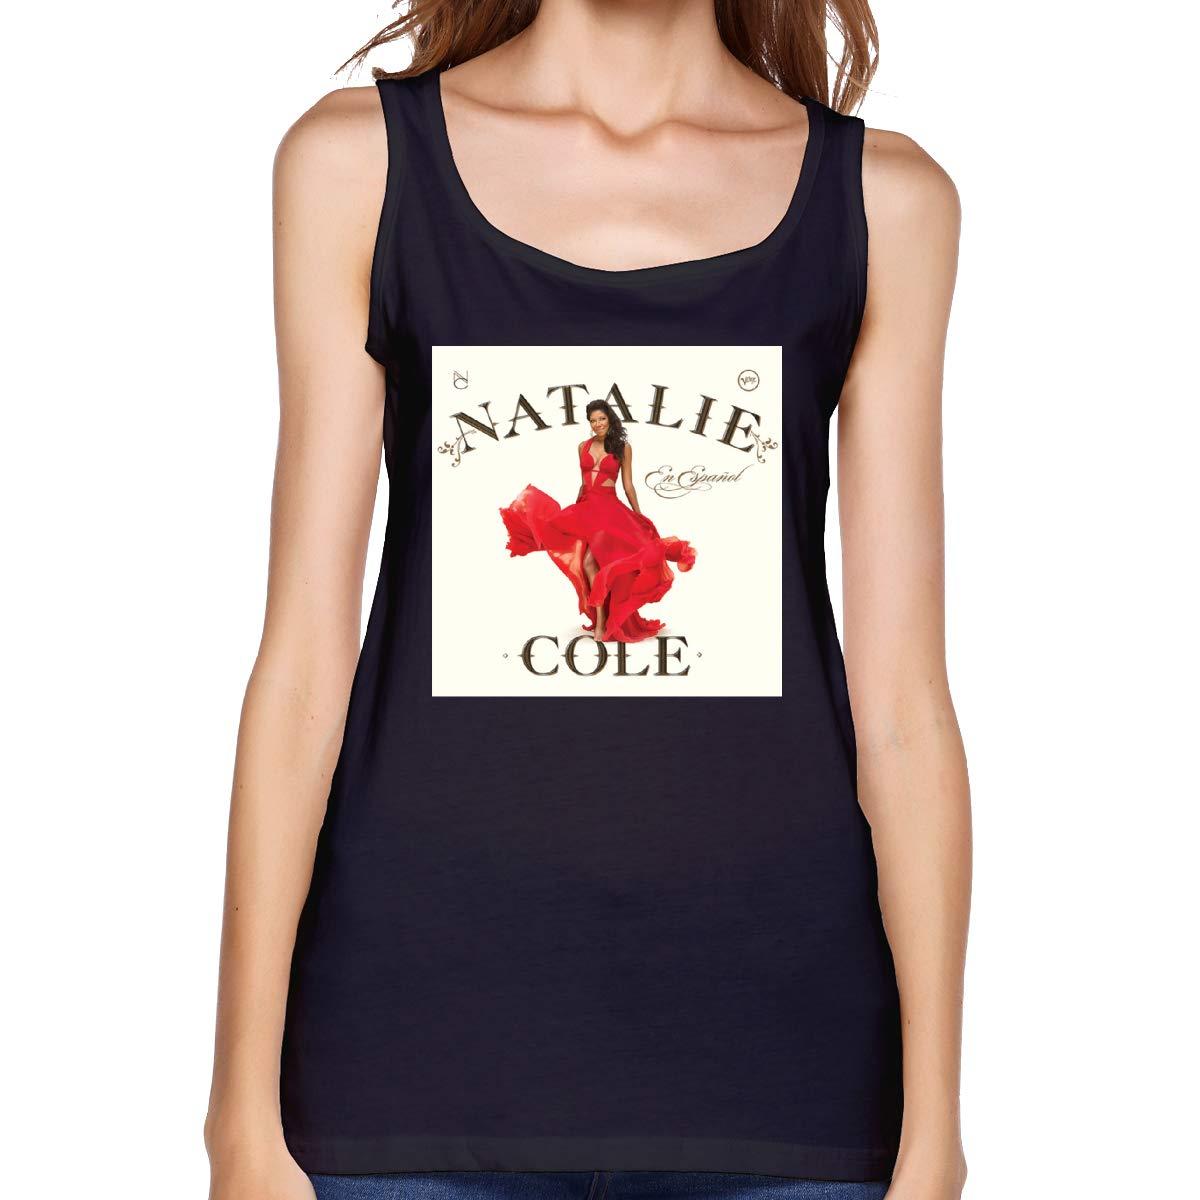 Amazon.com: SY COMPACT Womens Natalie Cole Natalie Cole En ...